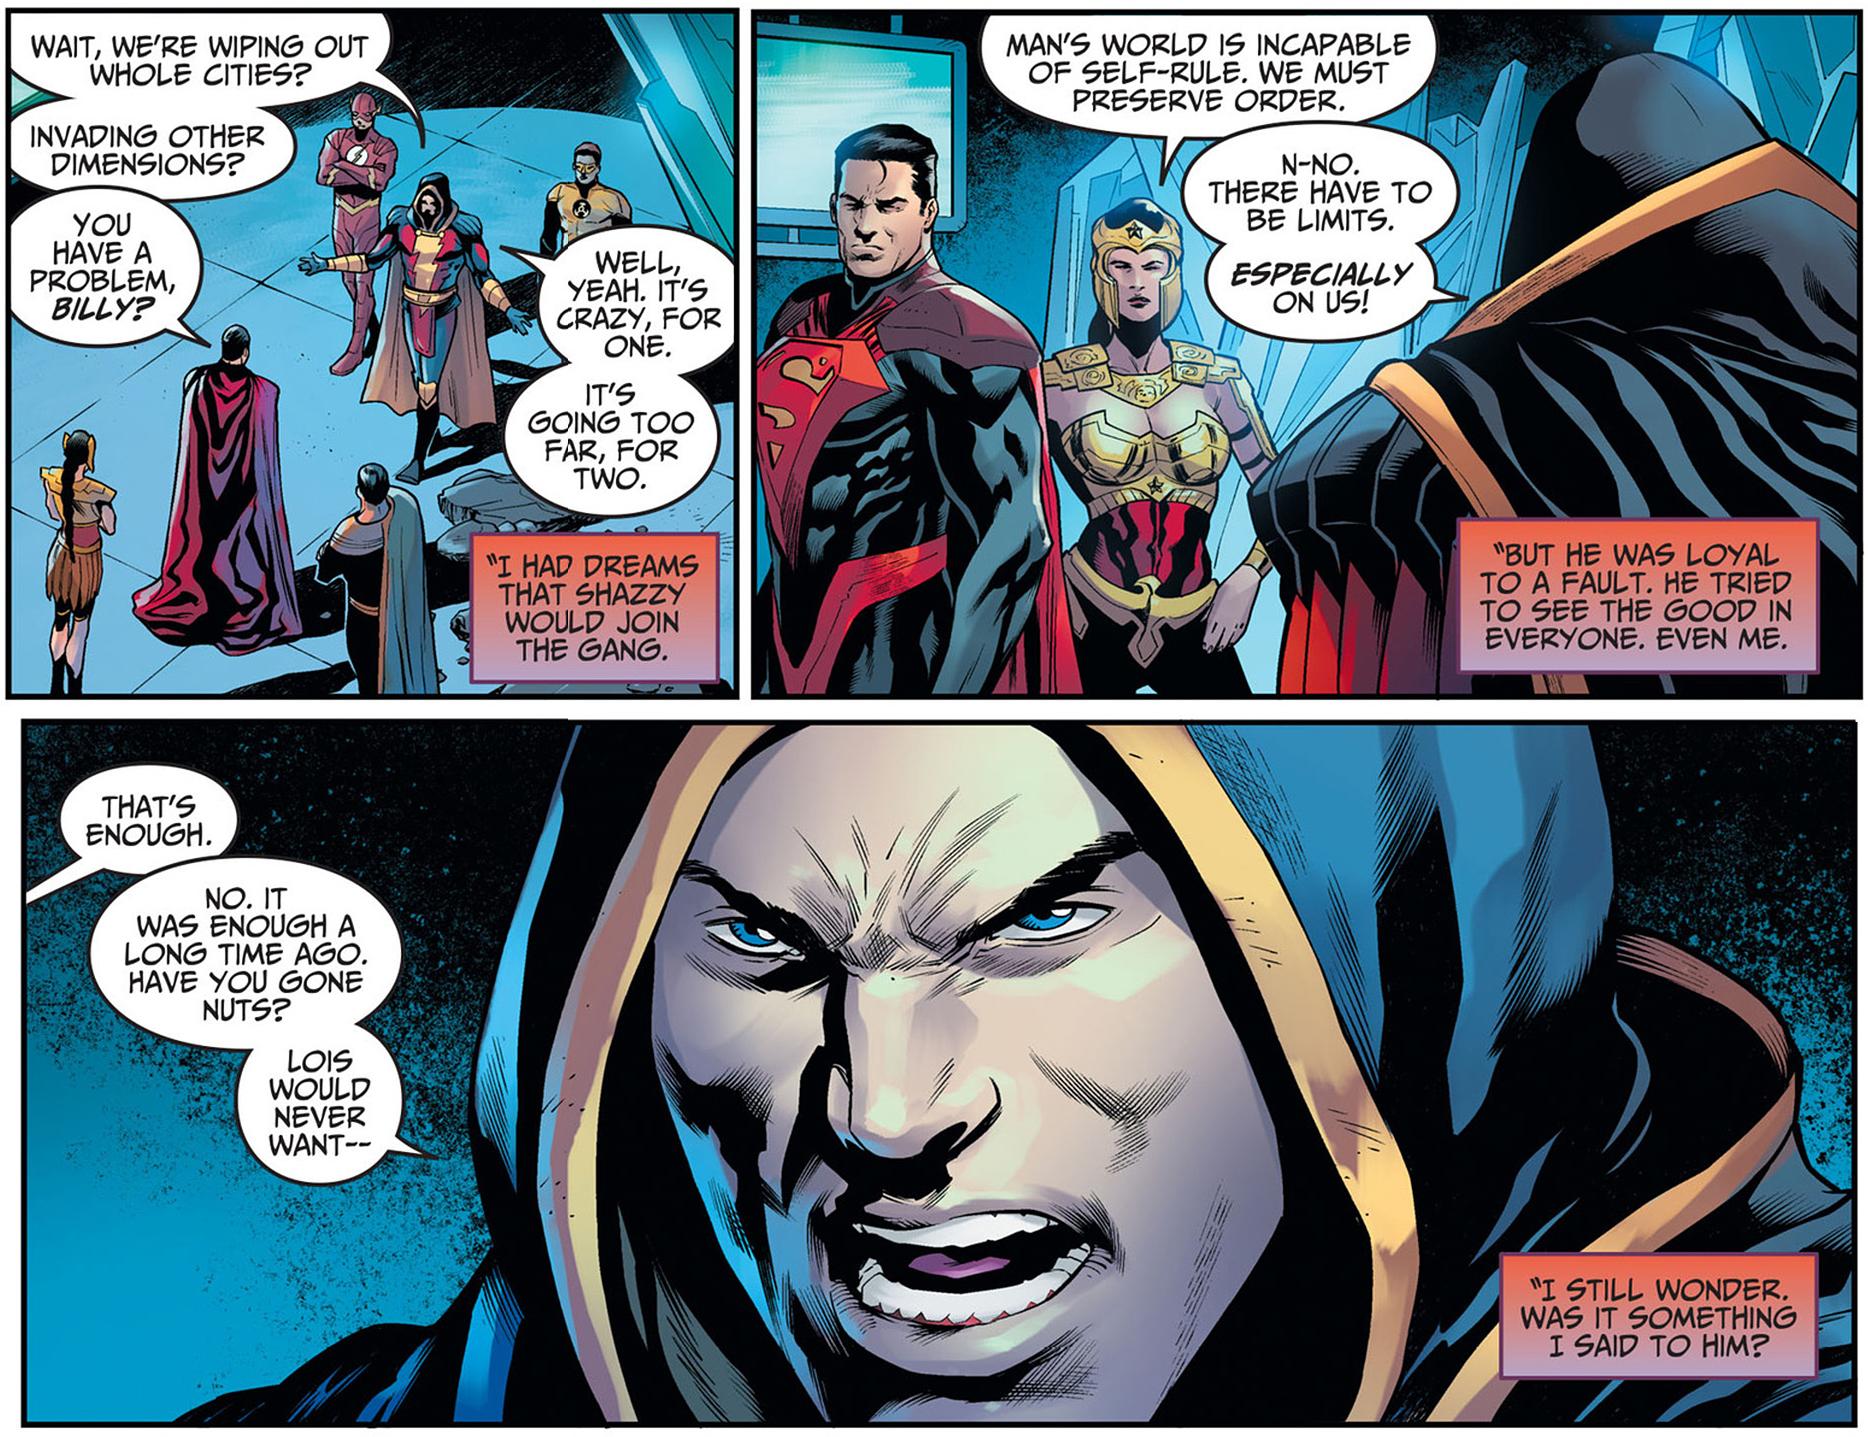 Superman Kills Shazam Injustice Gods Among Us